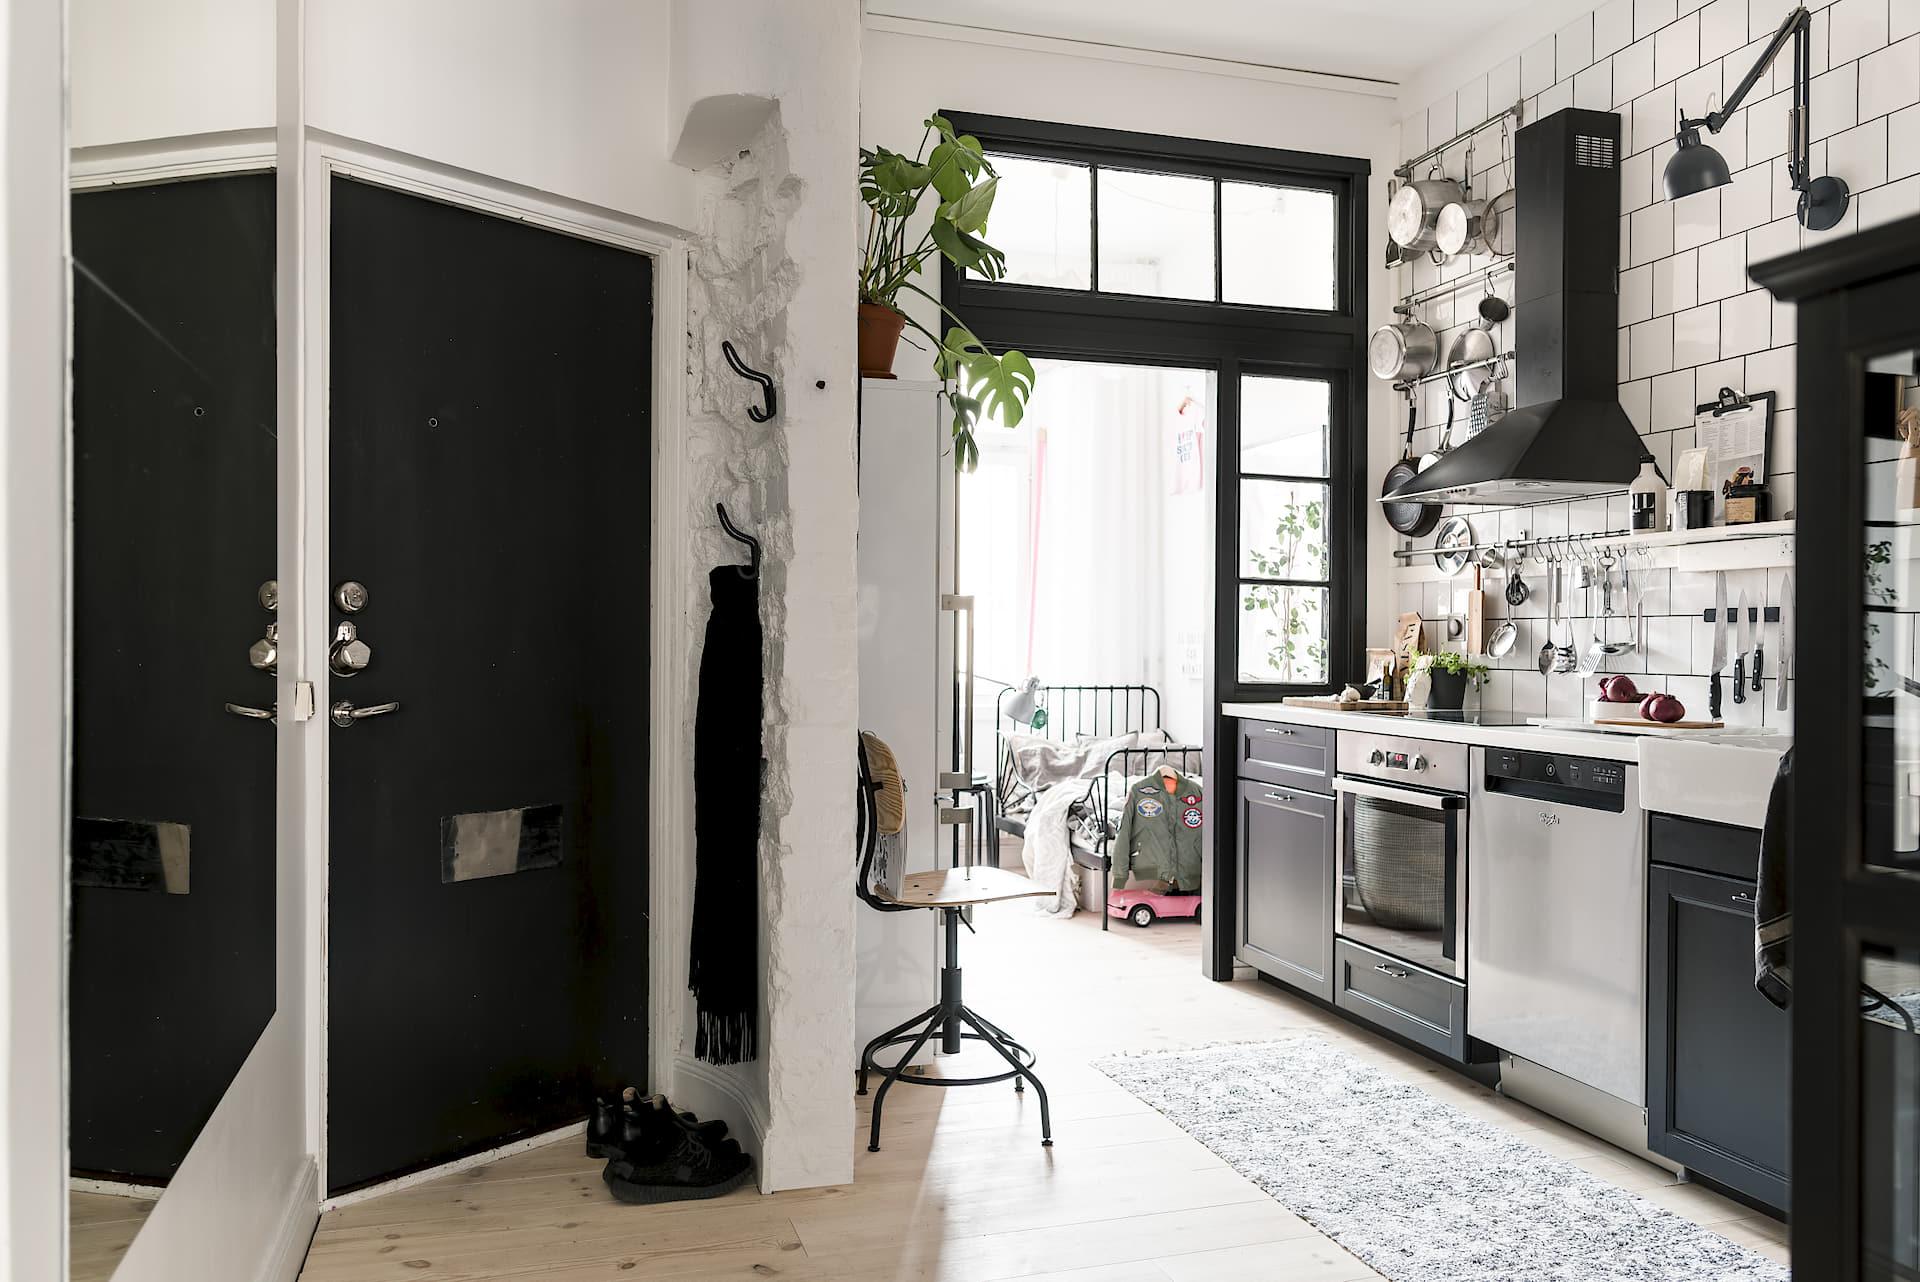 Stoere Keuken Grey : Deze keuken is een fijne binnenkomer homease